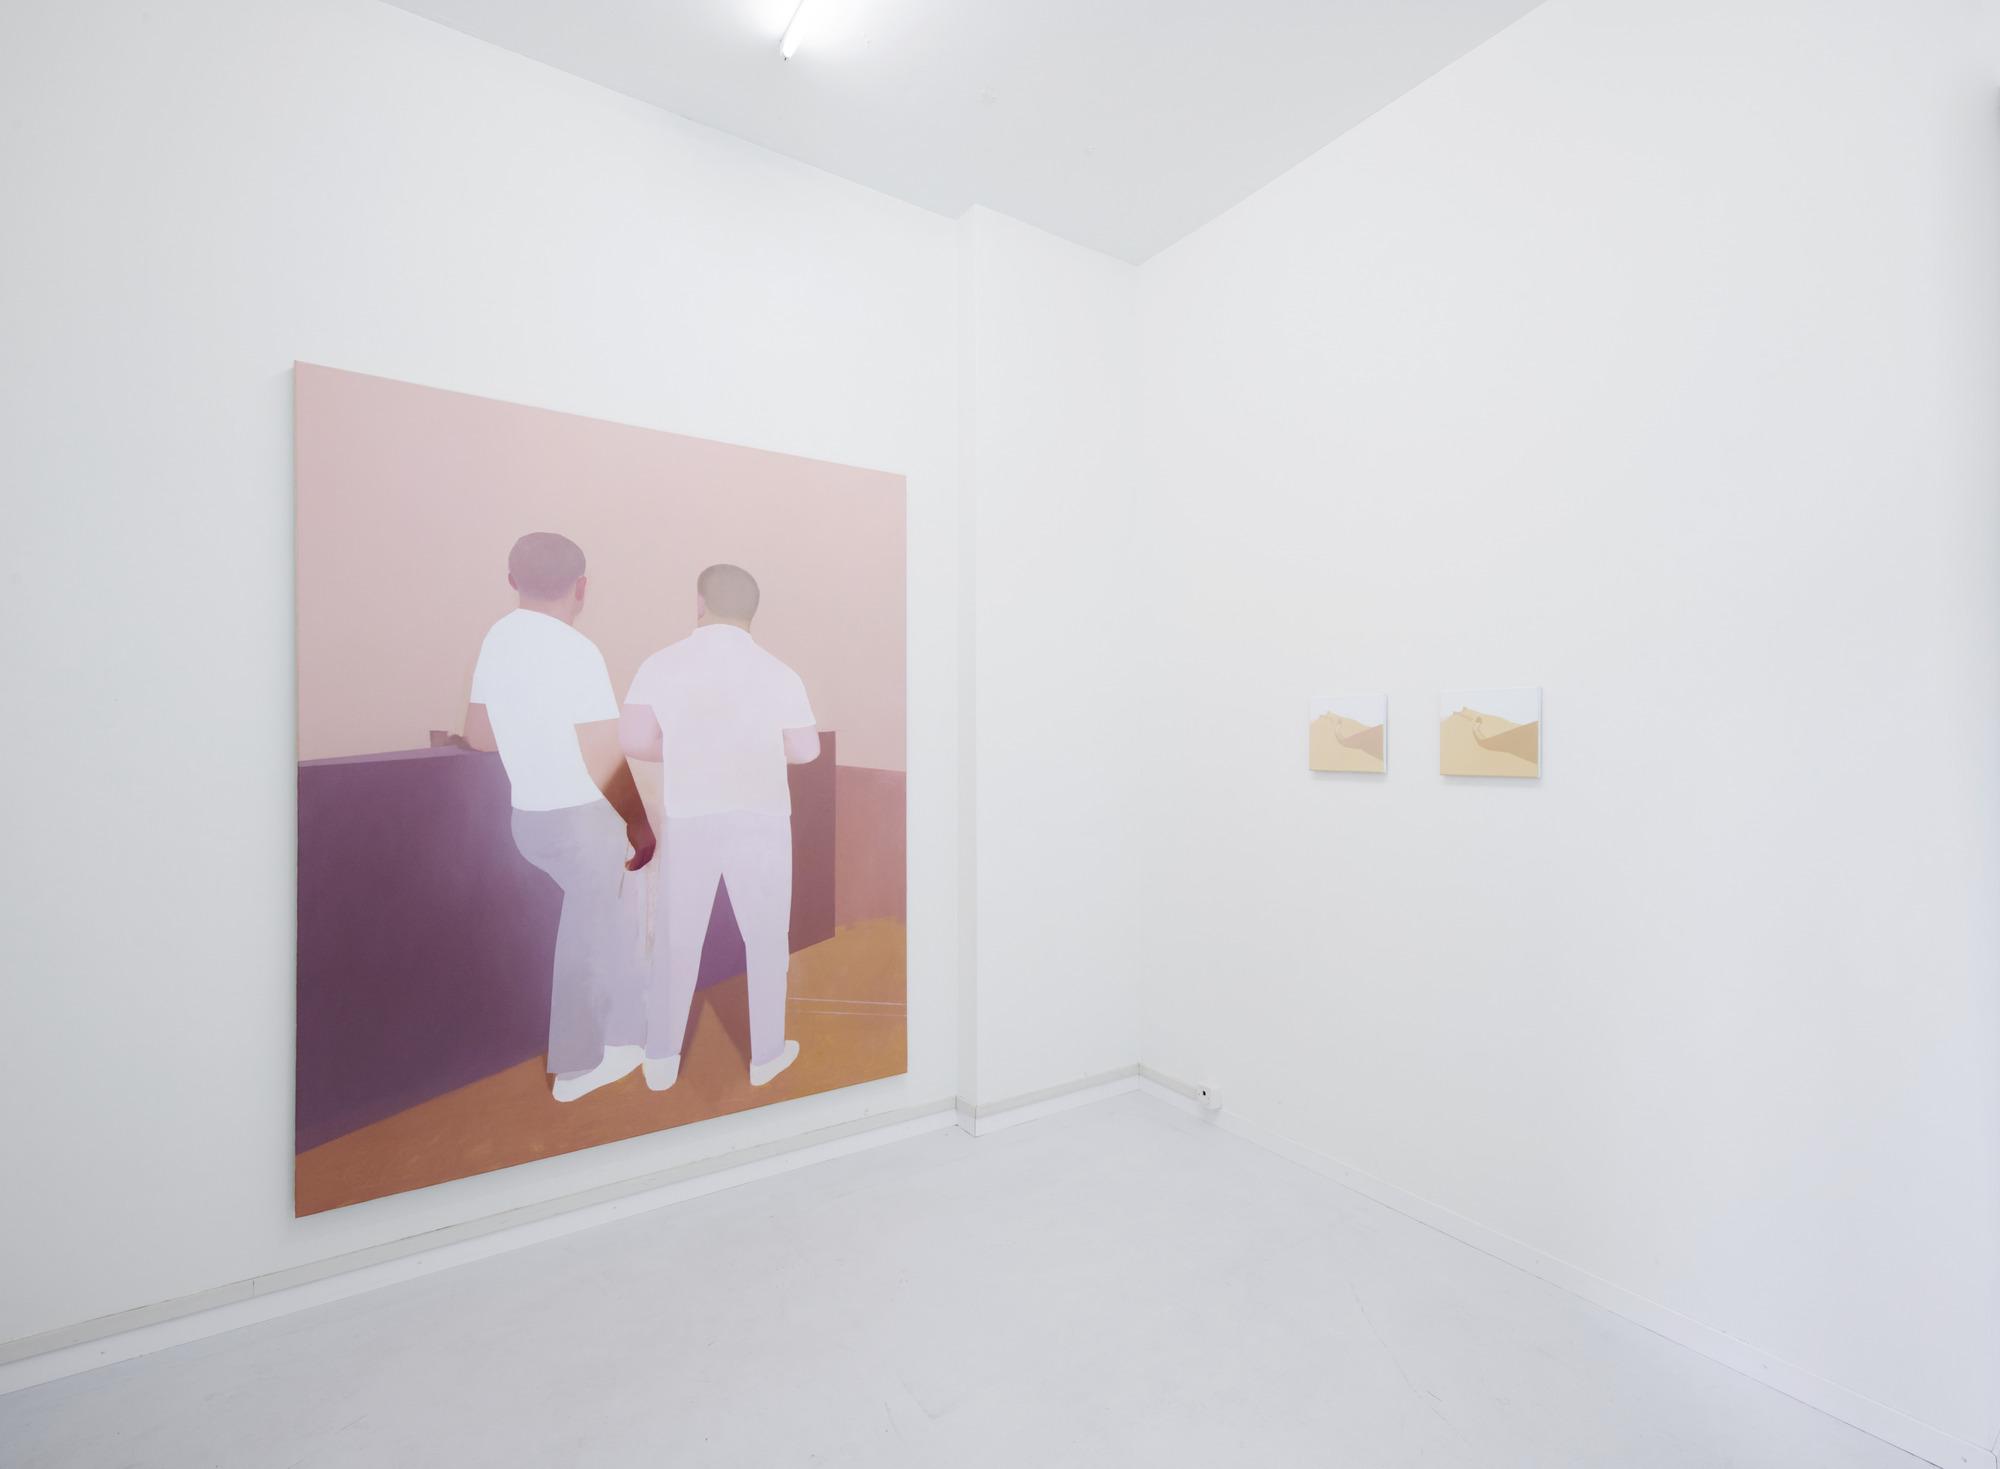 Manuel Stehli untitled, 2019, 220×170 cm, oil on canvas & untitled (Mauer I, Mauer II), 2020, 2×24×28 cm, oil on canvas, Courtesy of the artist and Lemoyne